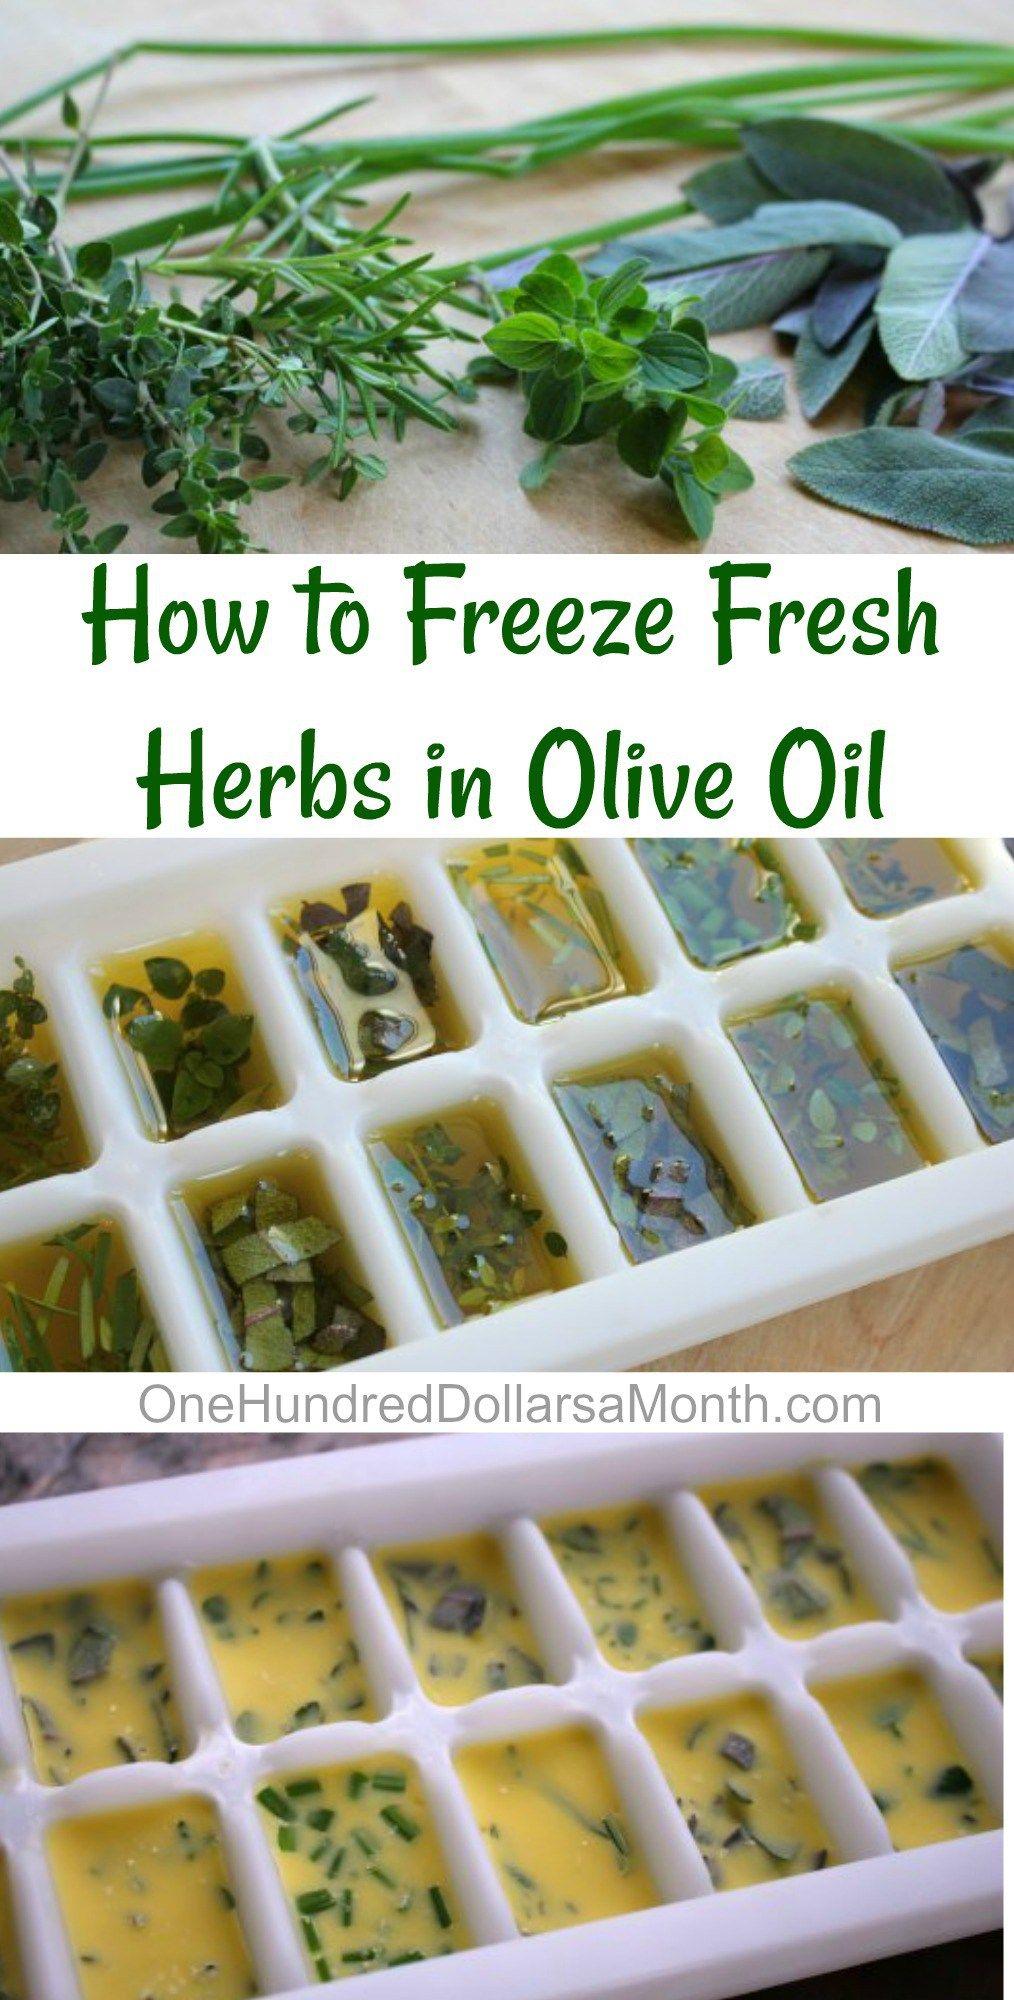 Freeze fresh herbs in olive oil freezing fresh herbs